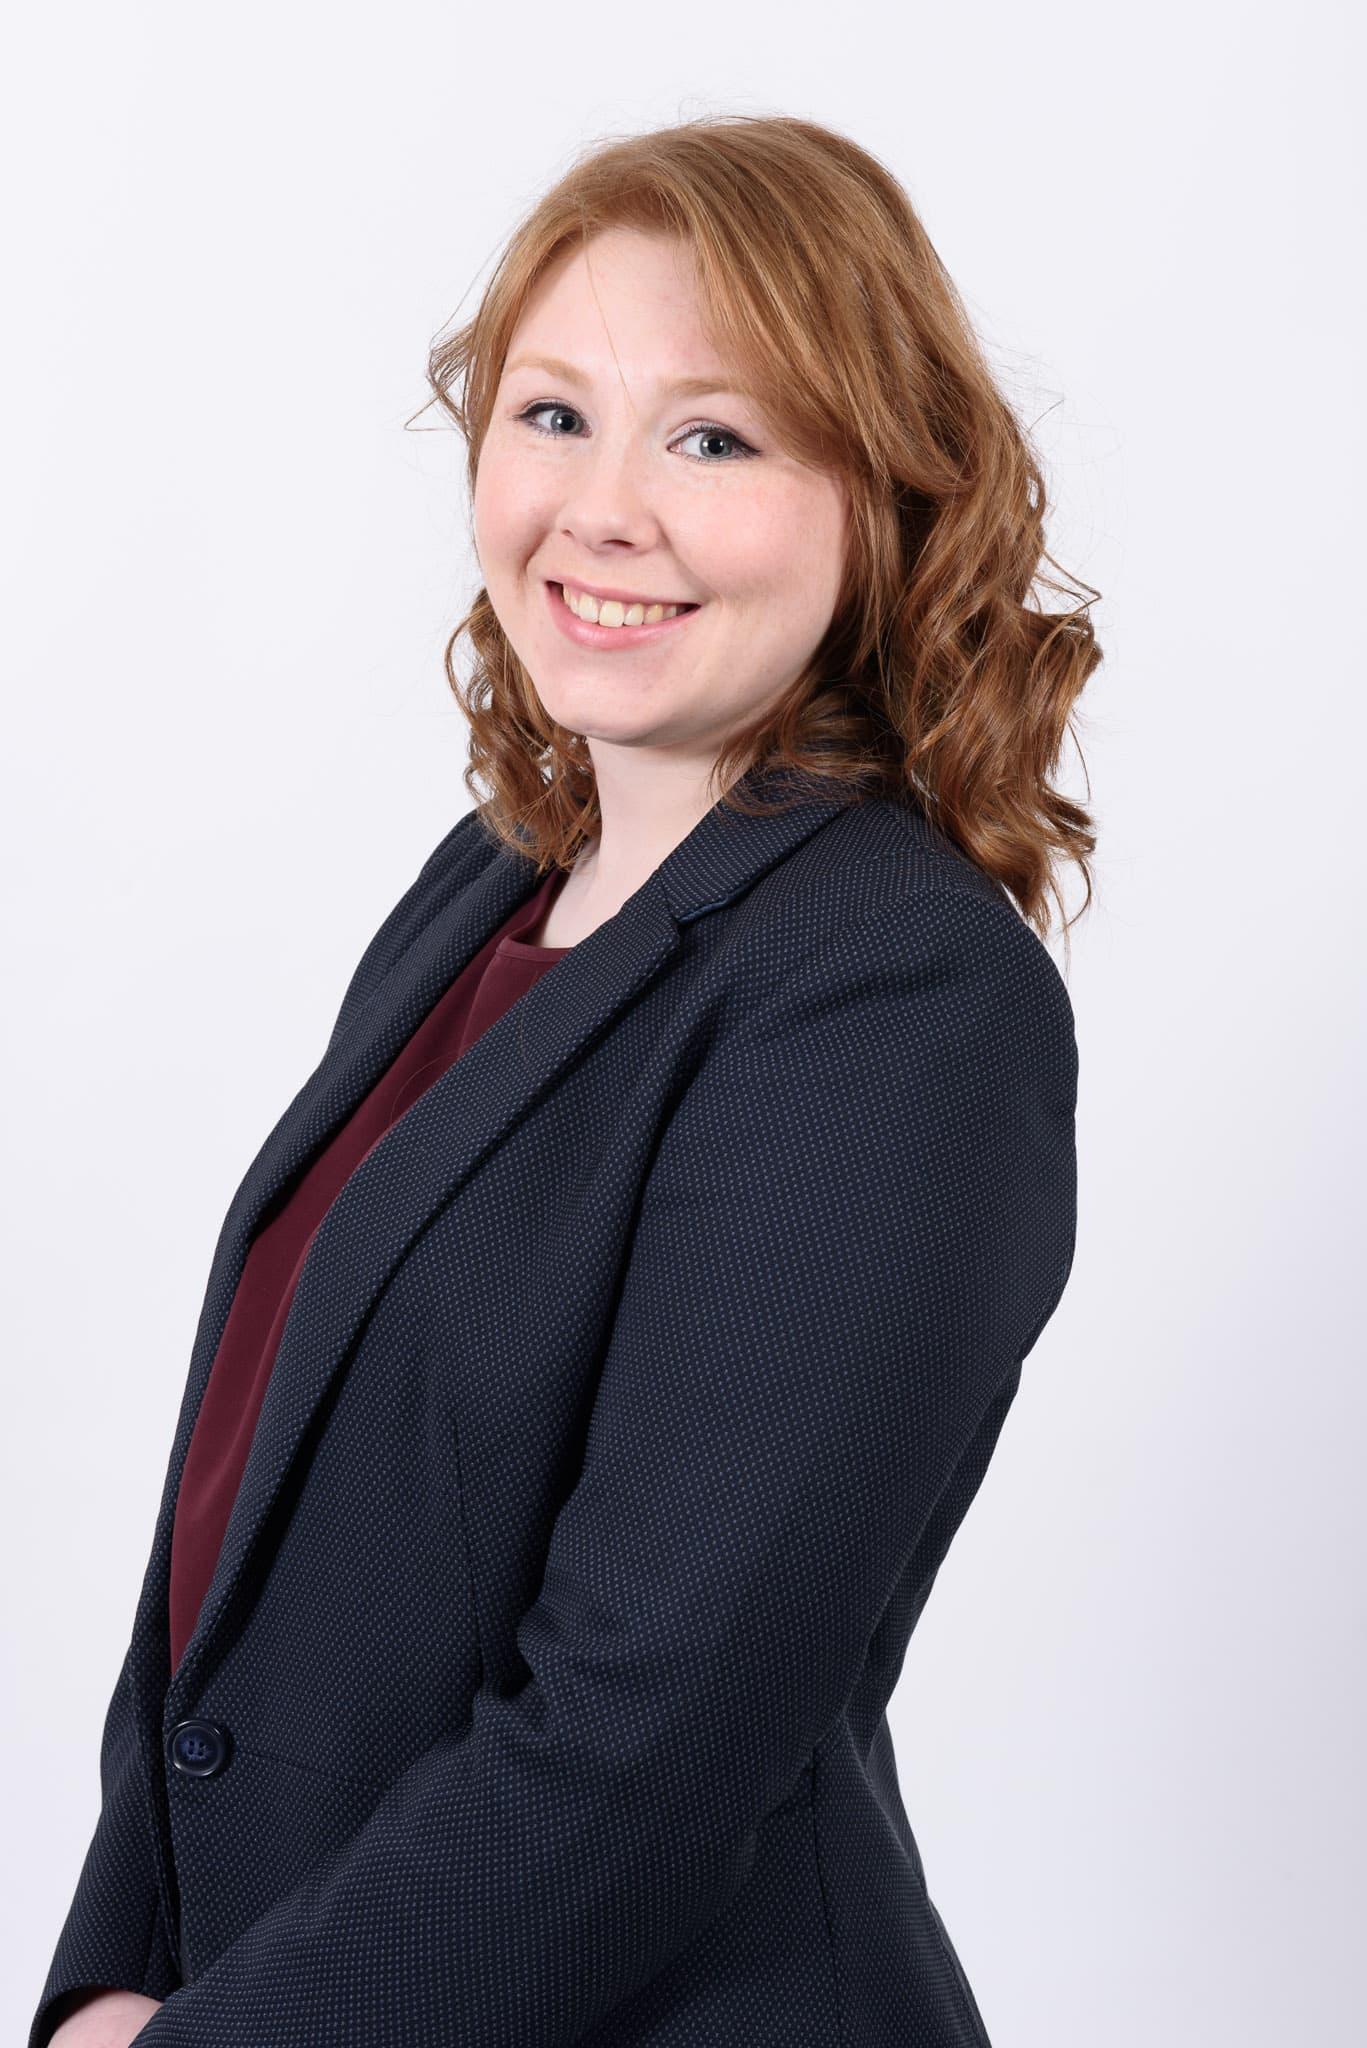 Sarah Kempa